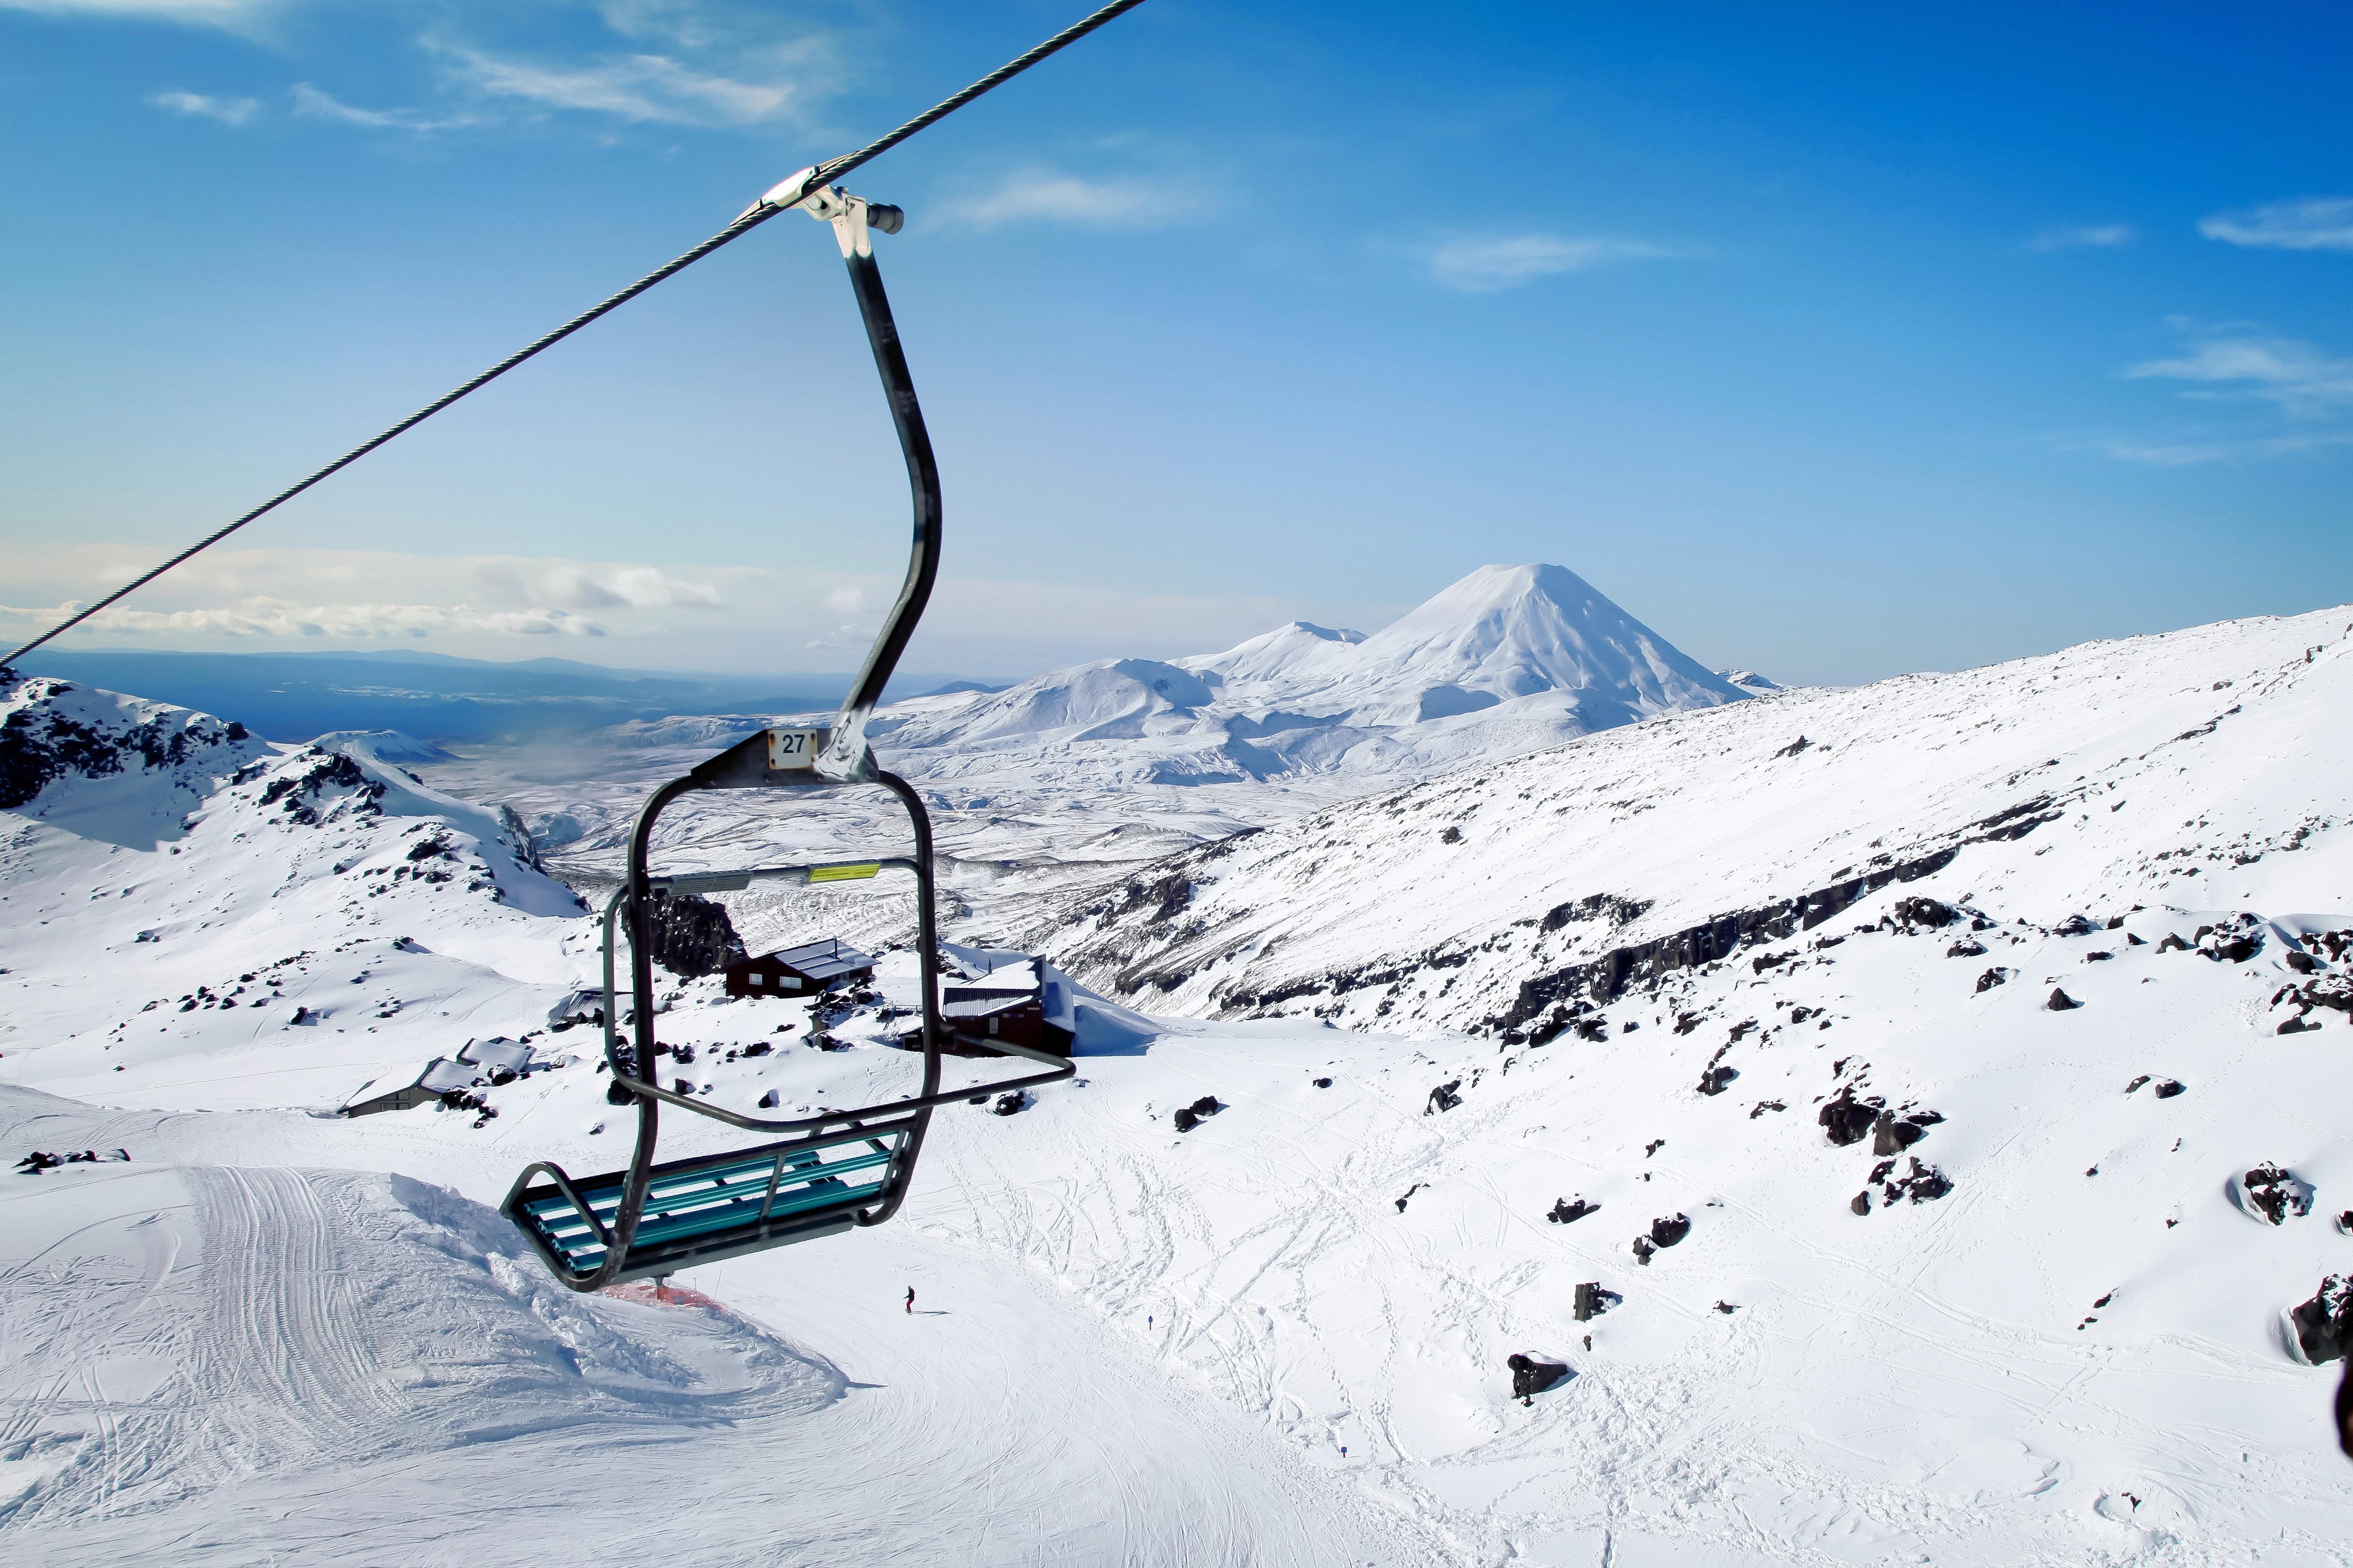 華卡帕帕滑雪場